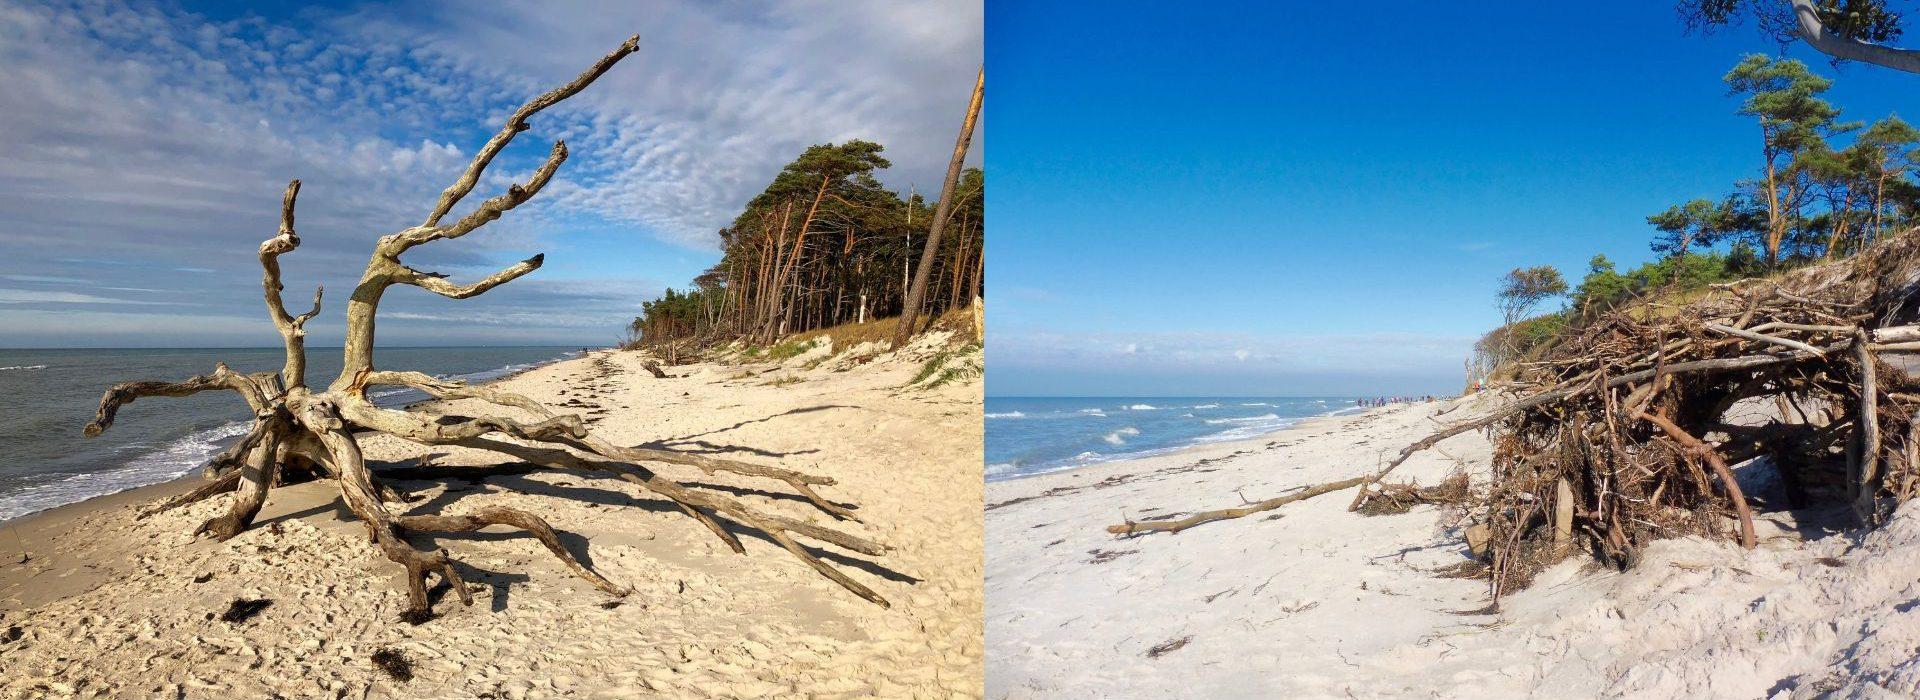 Baumkrake und selbst gebaute Strandhütte am Weststrand auf dem Darss